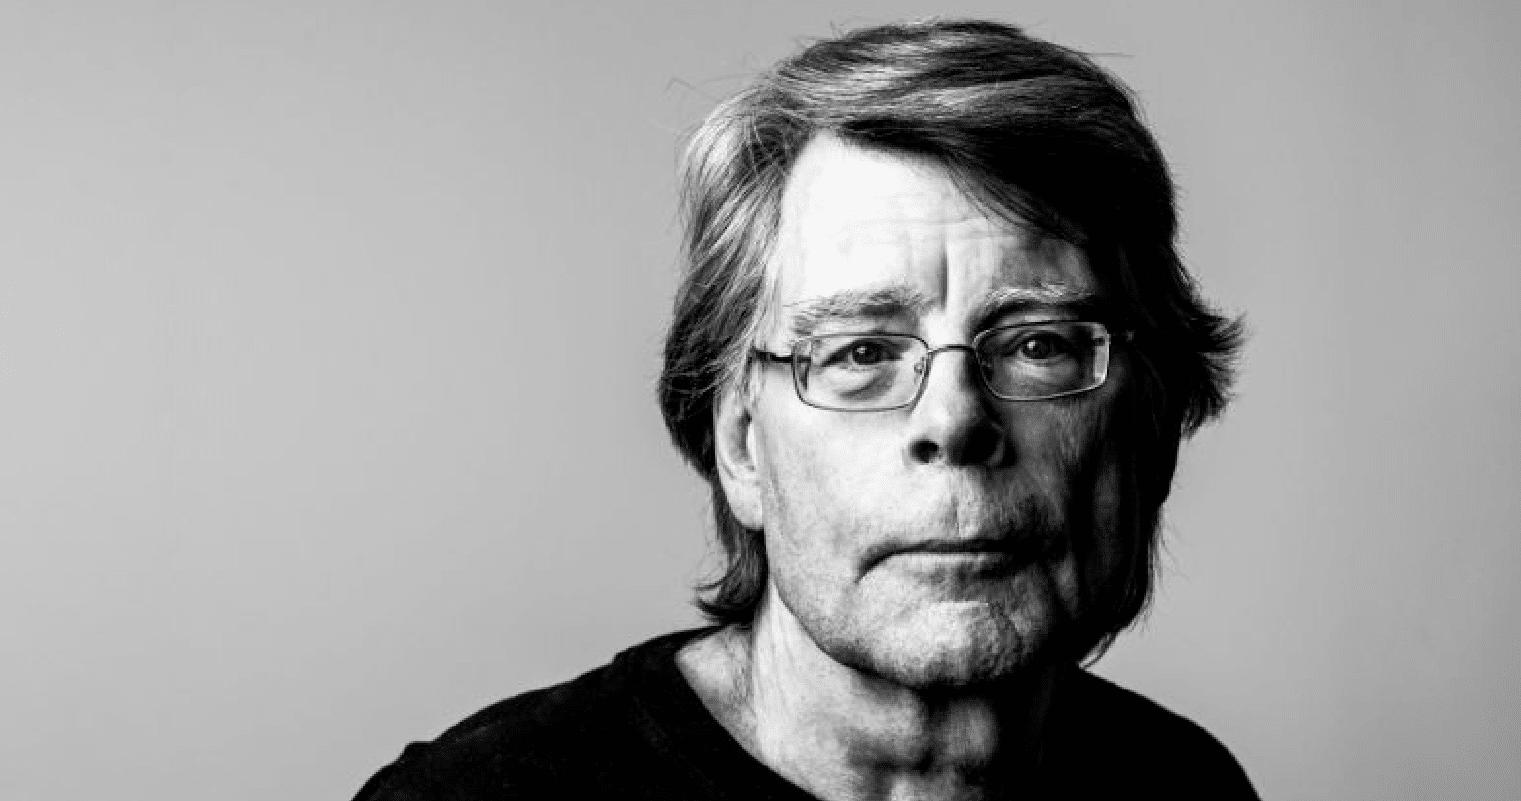 Os 10 melhores livros de Stephen King segundo seus fãs - Blog da TAG